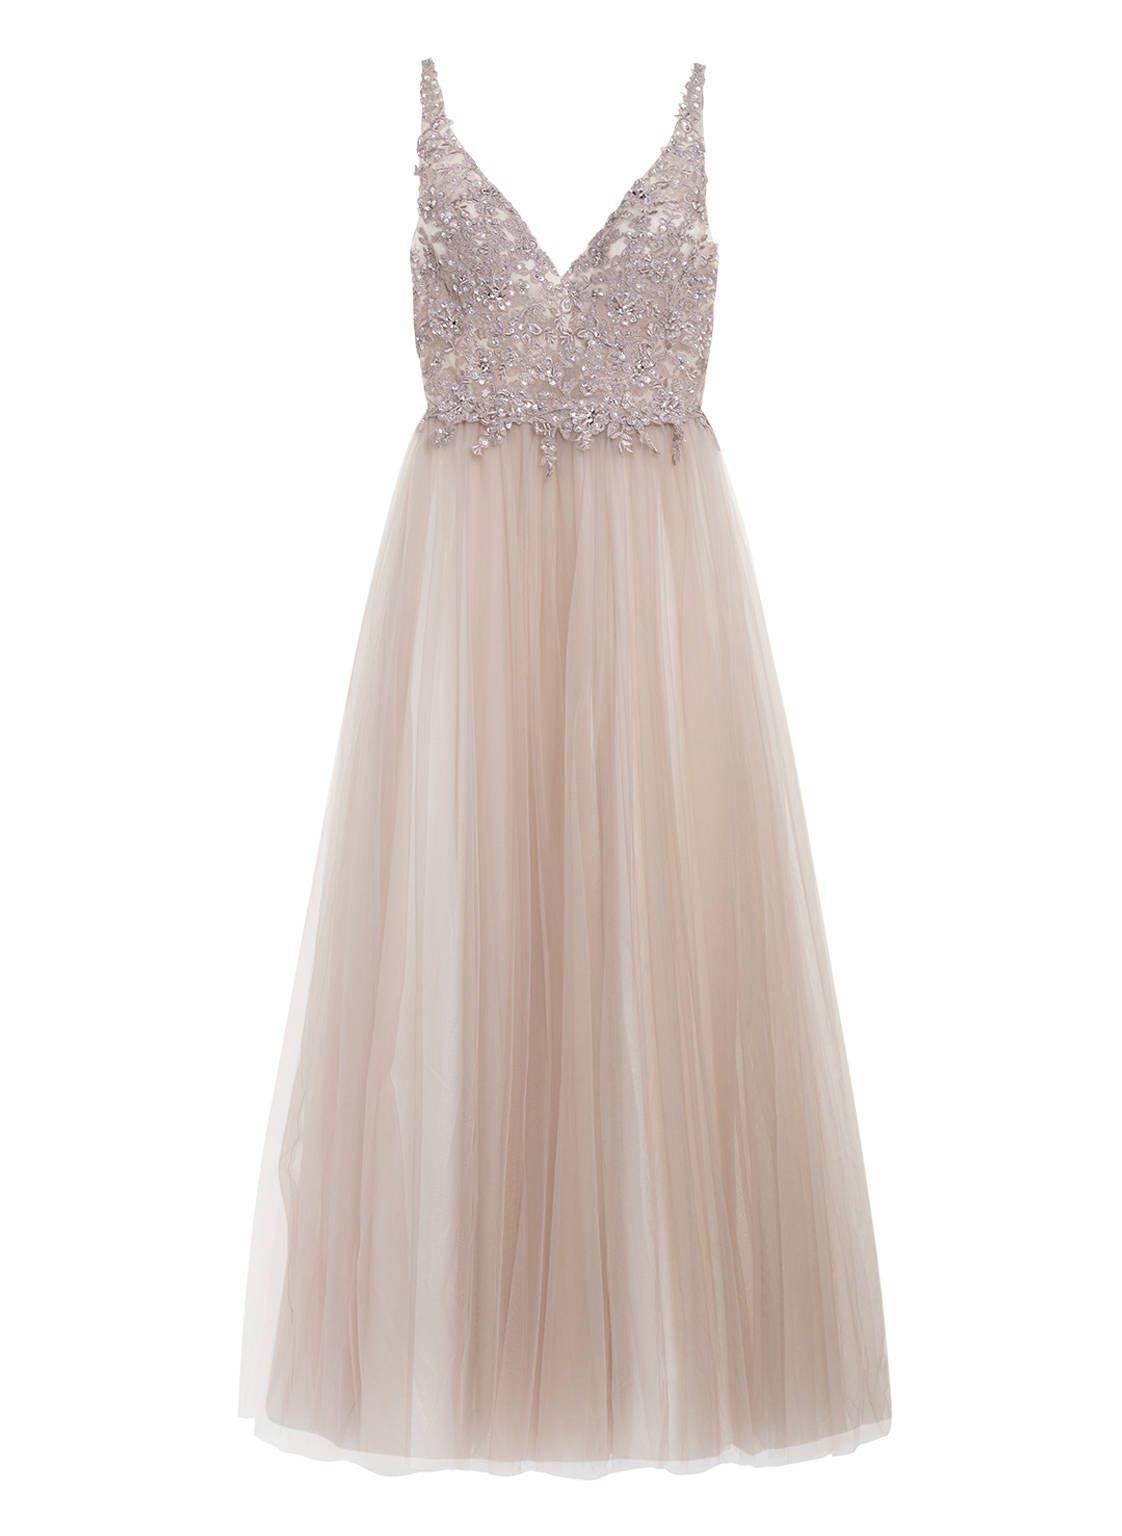 Abendkleid mit Stola von MASCARA bei Breuninger kaufen in 14